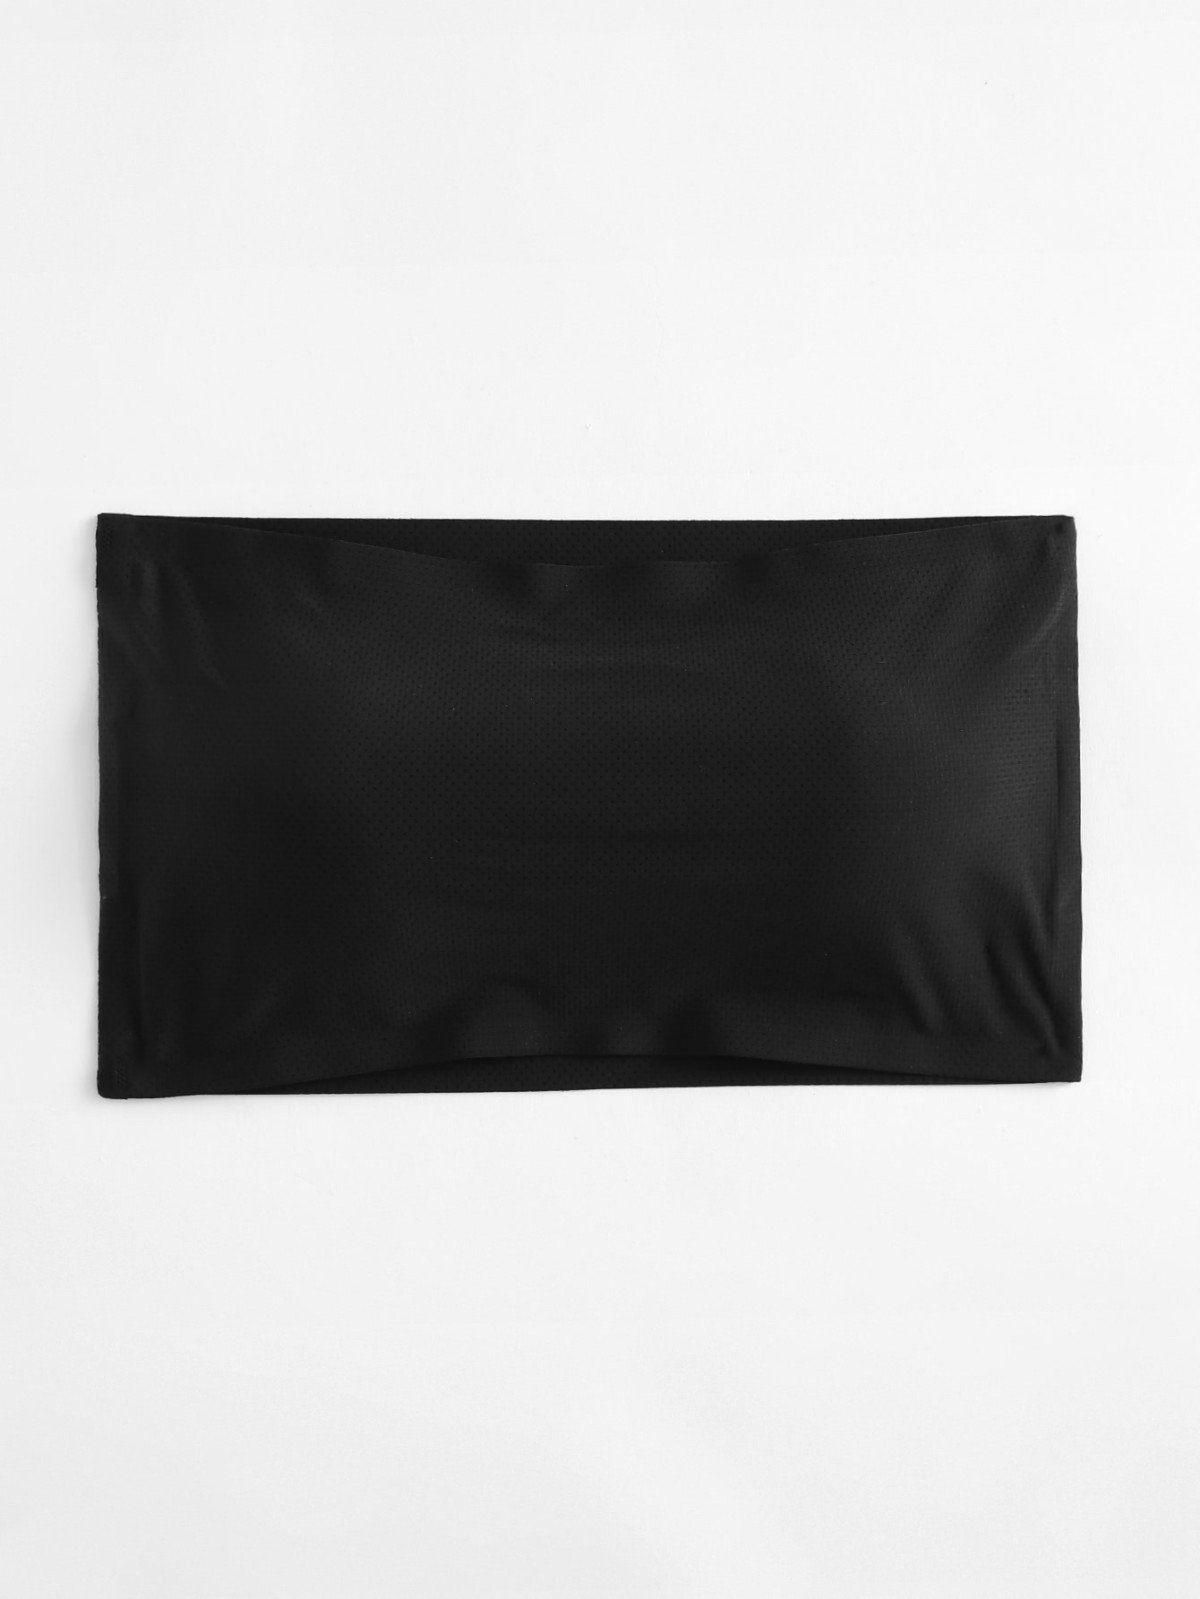 cbdb91958a Lingerie   Sleepwear by BORNTOWEAR. Seamless Bandeau Bra With Pads ...